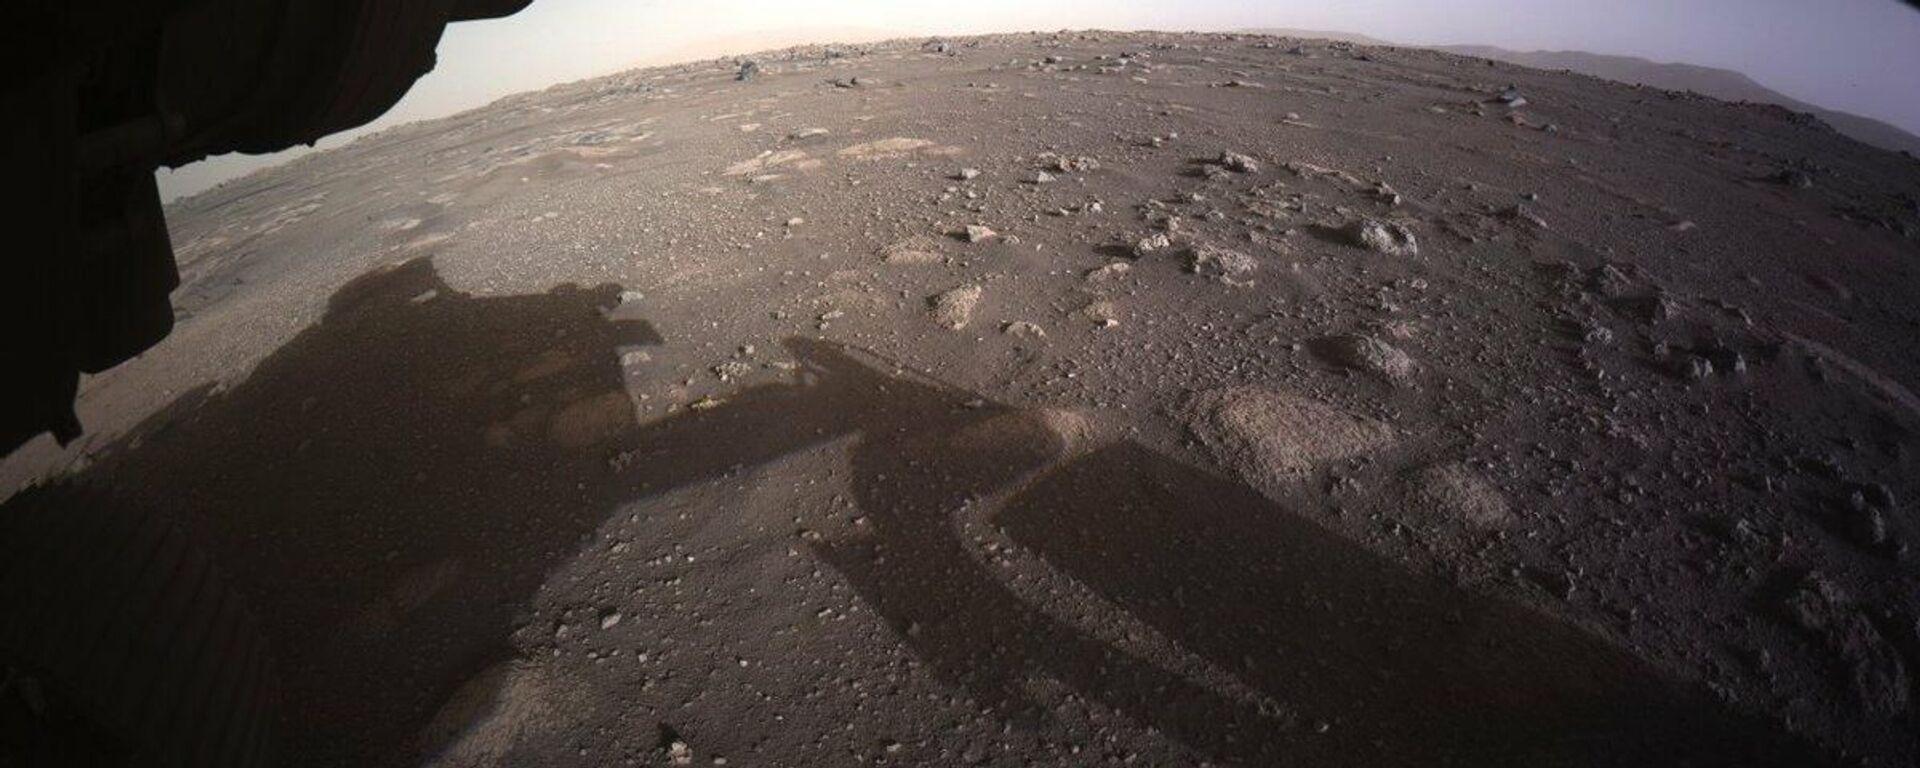 Zdjęcie Marsa zrobione przez łazika Perseverance  - Sputnik Polska, 1920, 27.04.2021